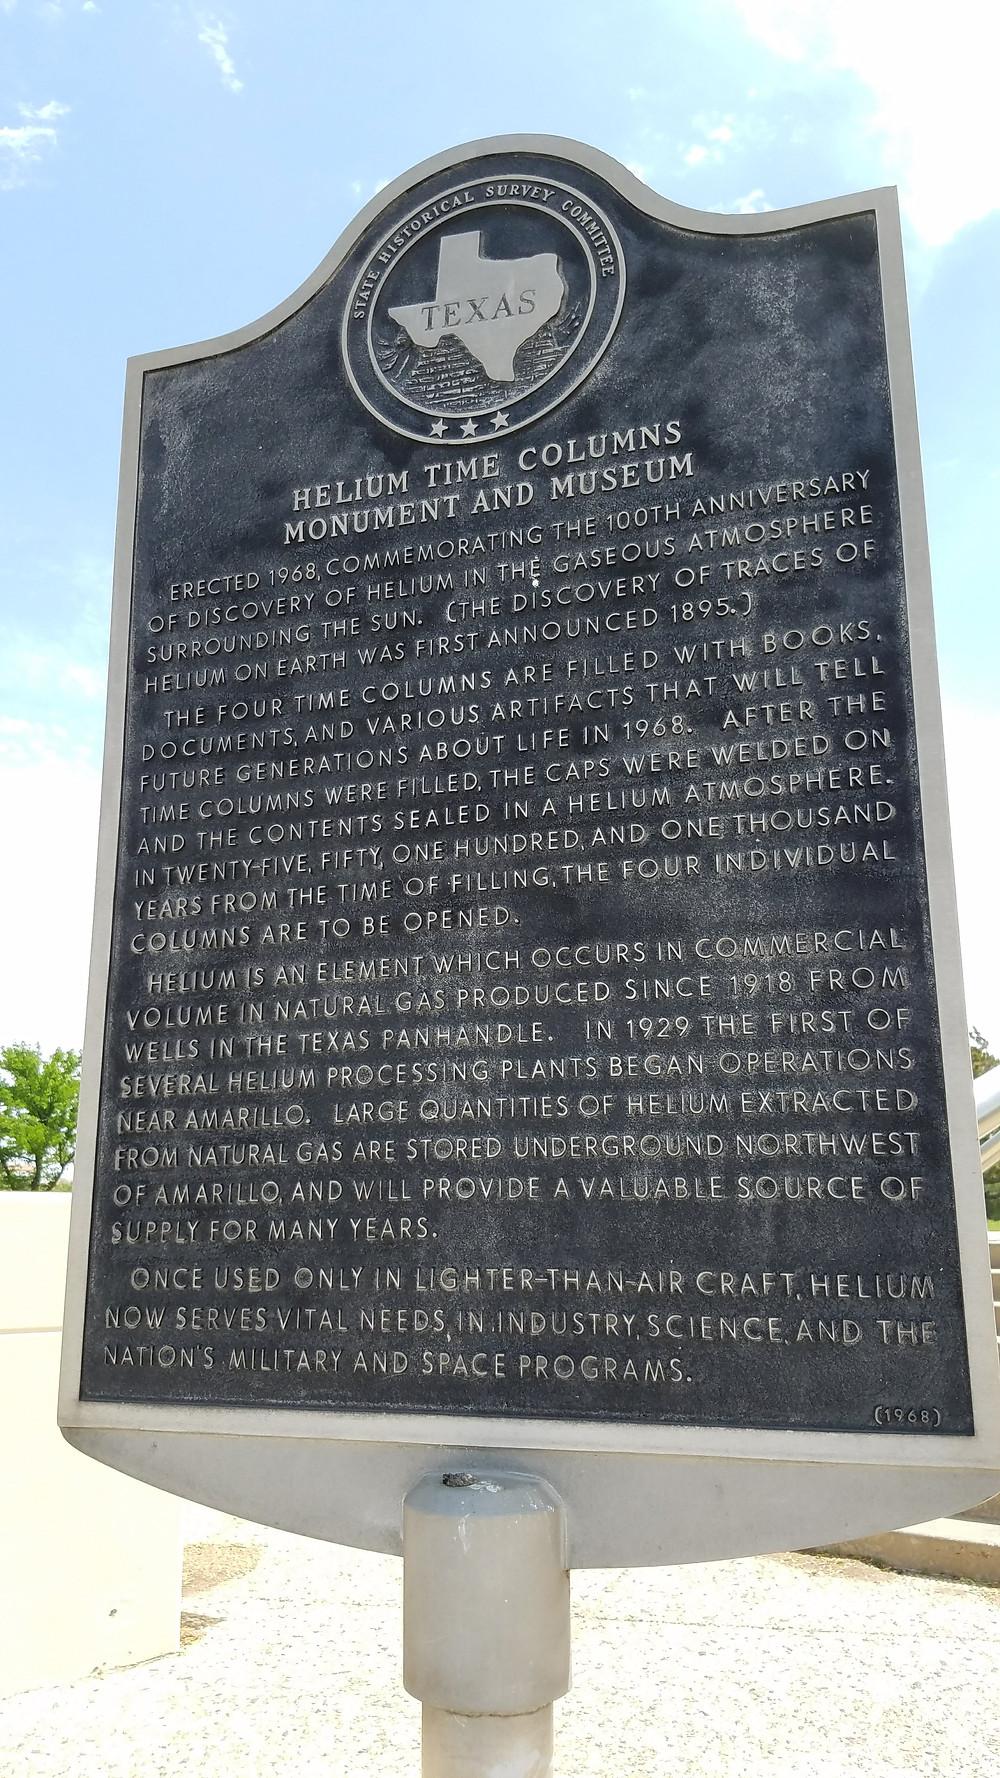 Helium Time Columns Monument & Museum plaque